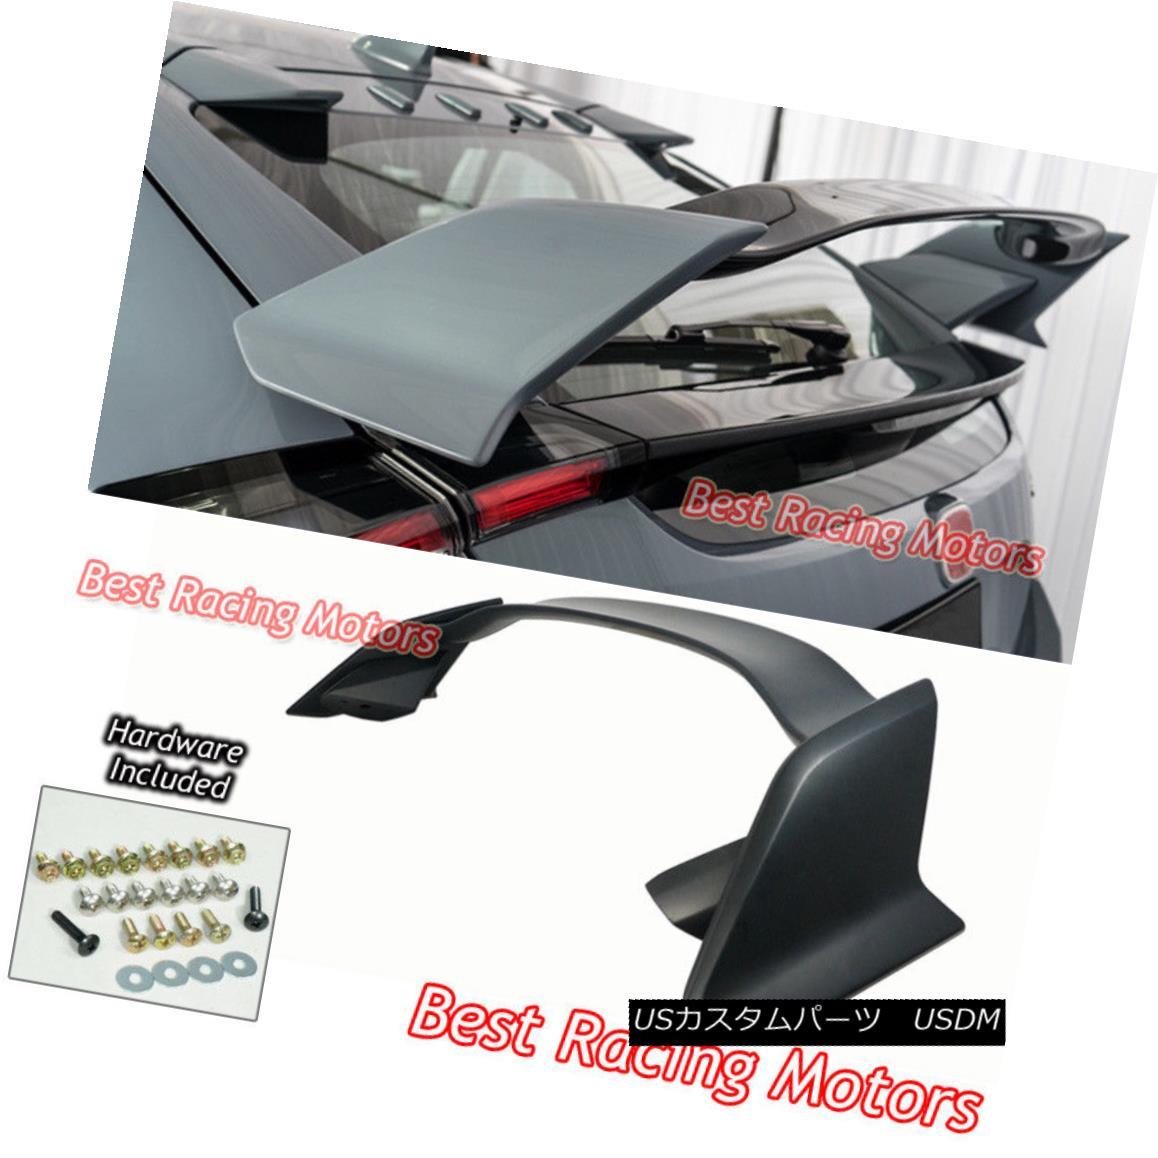 エアロパーツ Type R Style Rear Trunk Spoiler Wing (ABS) Fits 17-18 Civic 5dr Hatchback タイプRスタイルのリアトランク・スポイラー・ウィング(ABS)17-18シビック5drハッチバックに適合